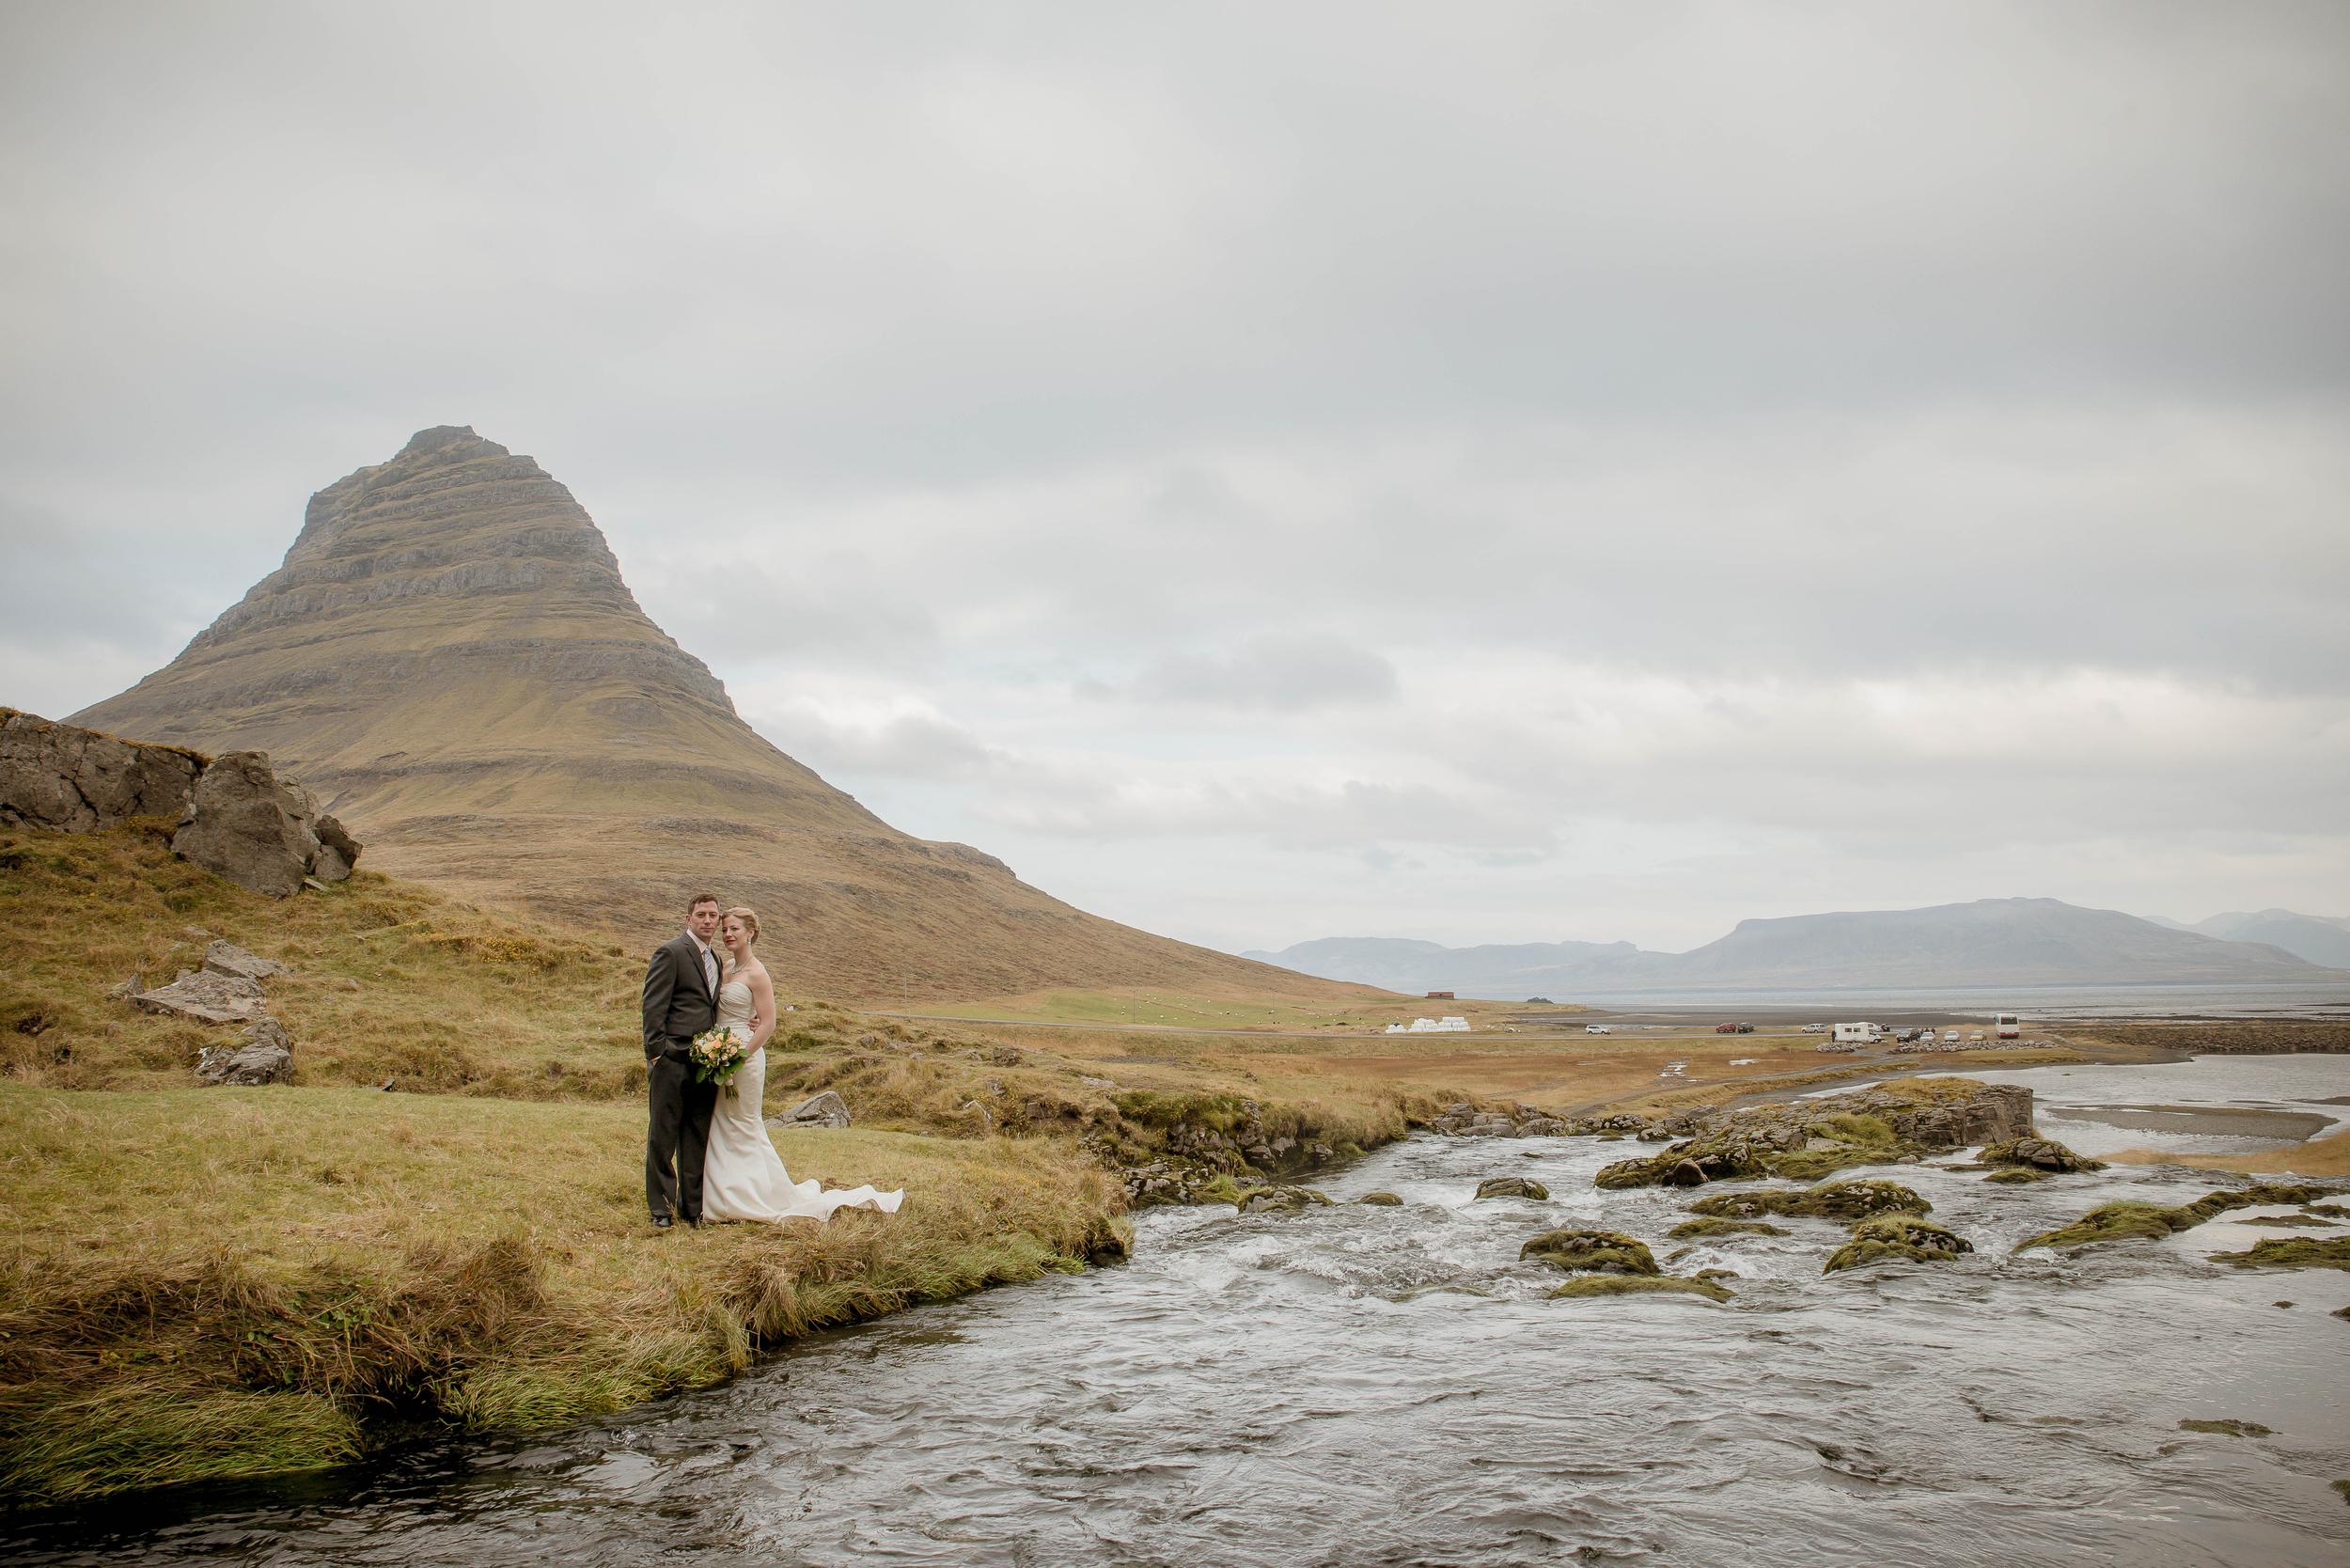 Iceland-Wedding-Photographer-Photos-by-Miss-Ann-21.jpg